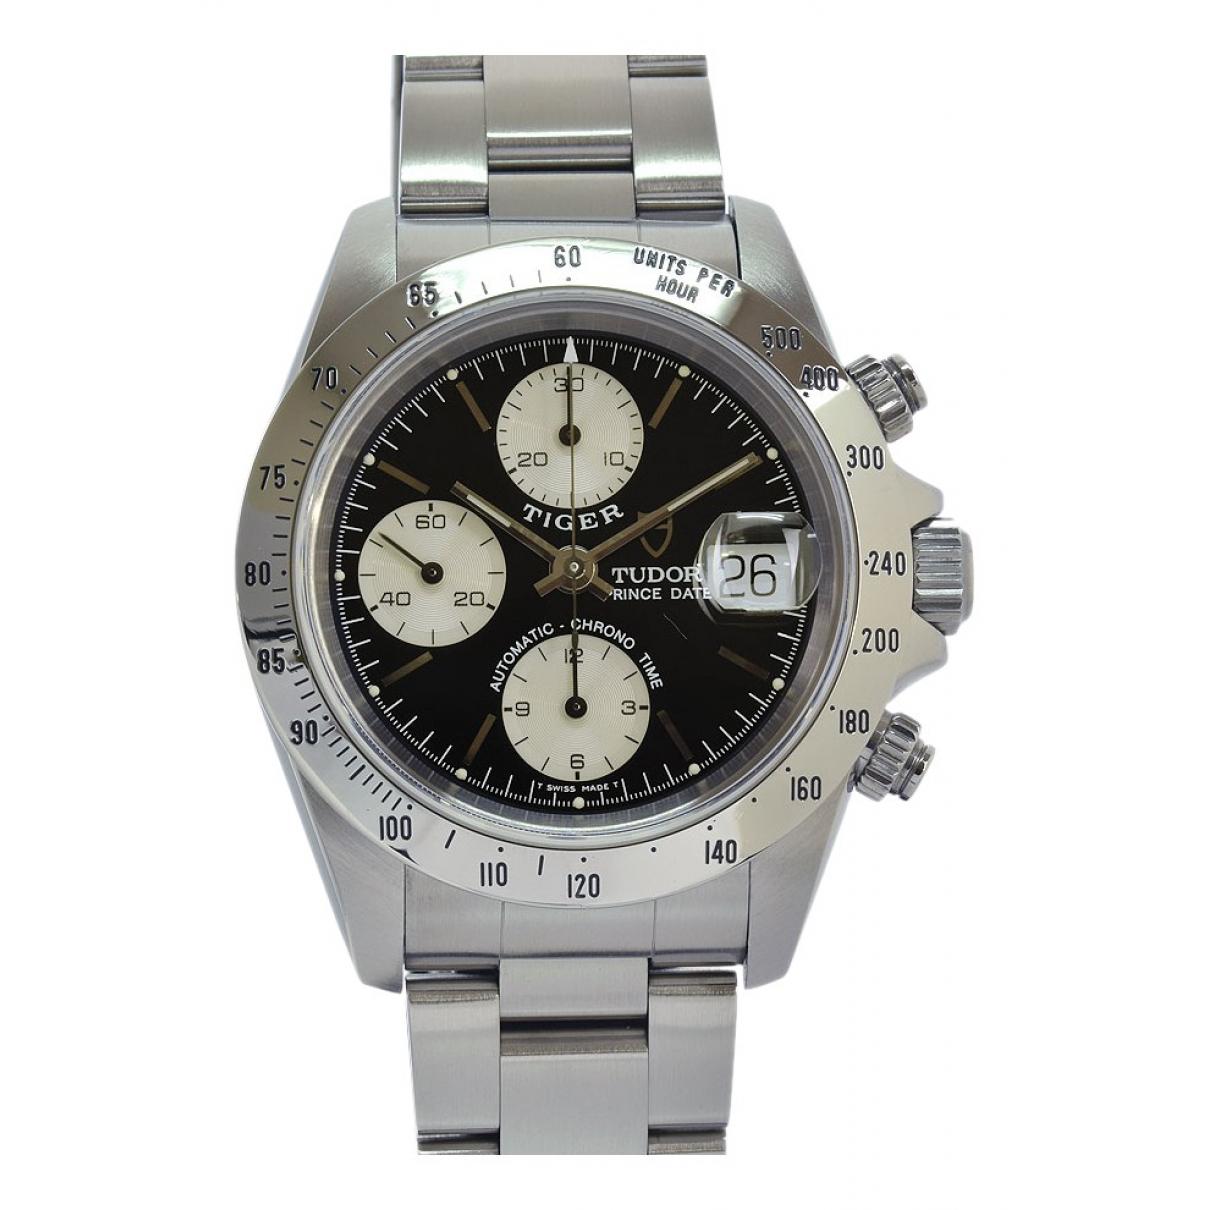 Tudor Tiger Prince Date Uhr in  Schwarz Stahl